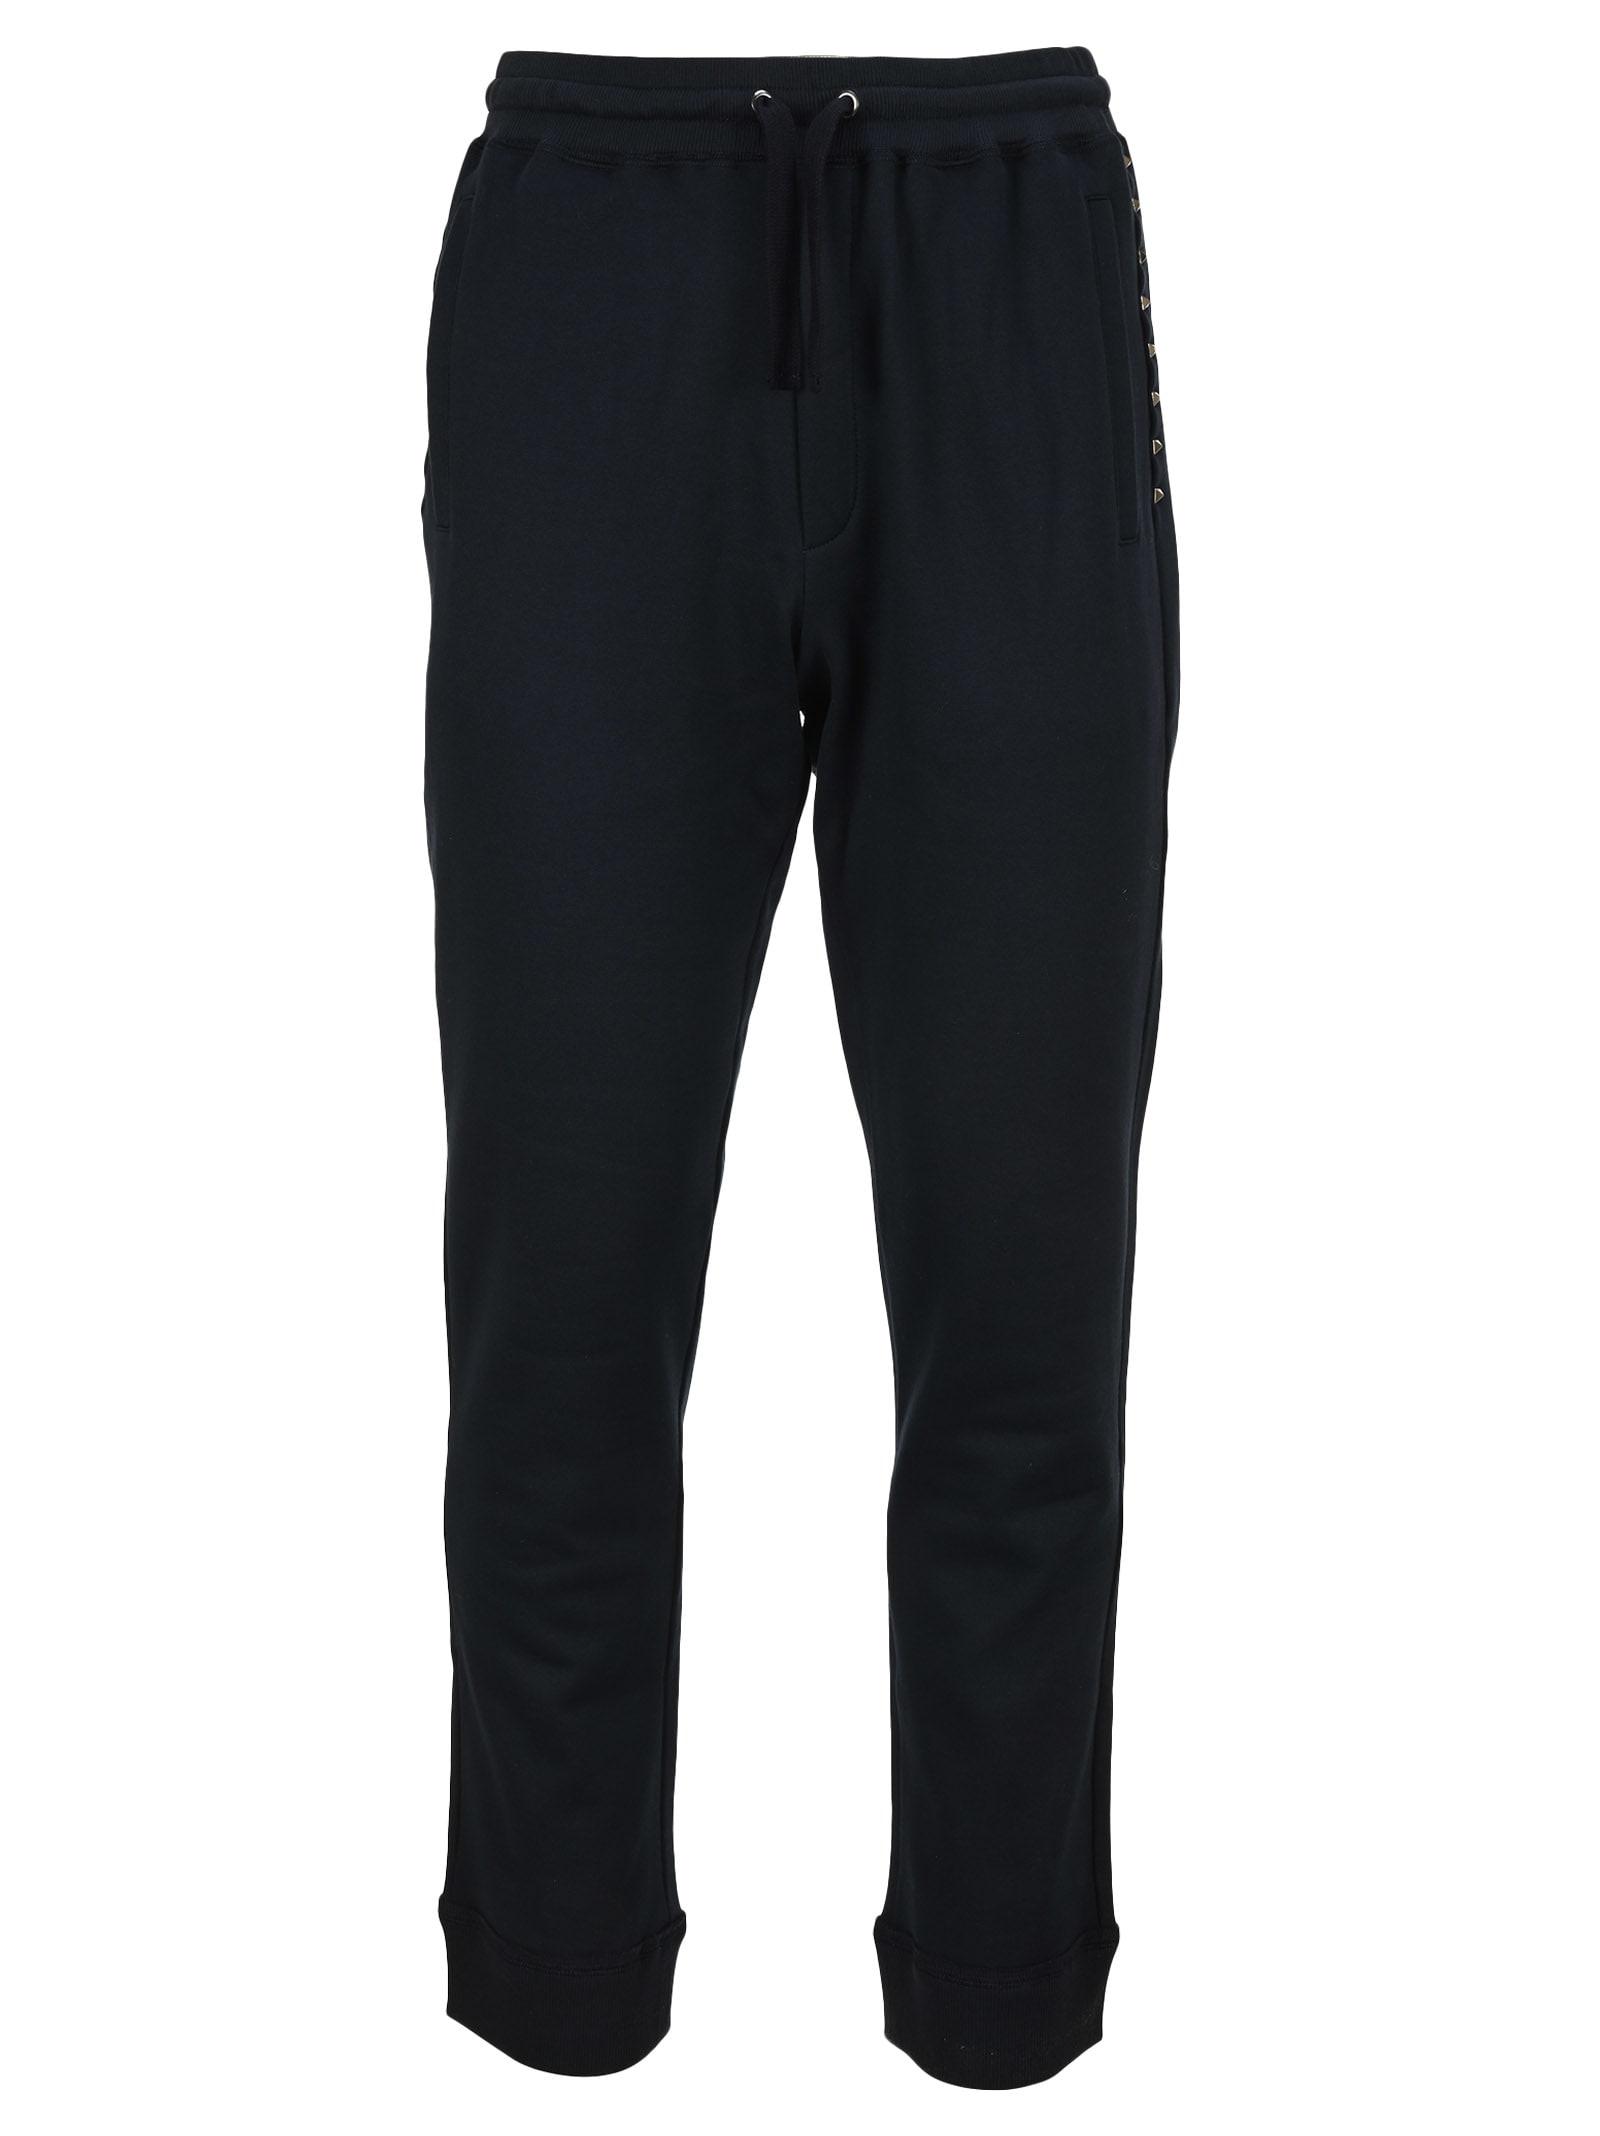 Valentino Rockstud Track Pants